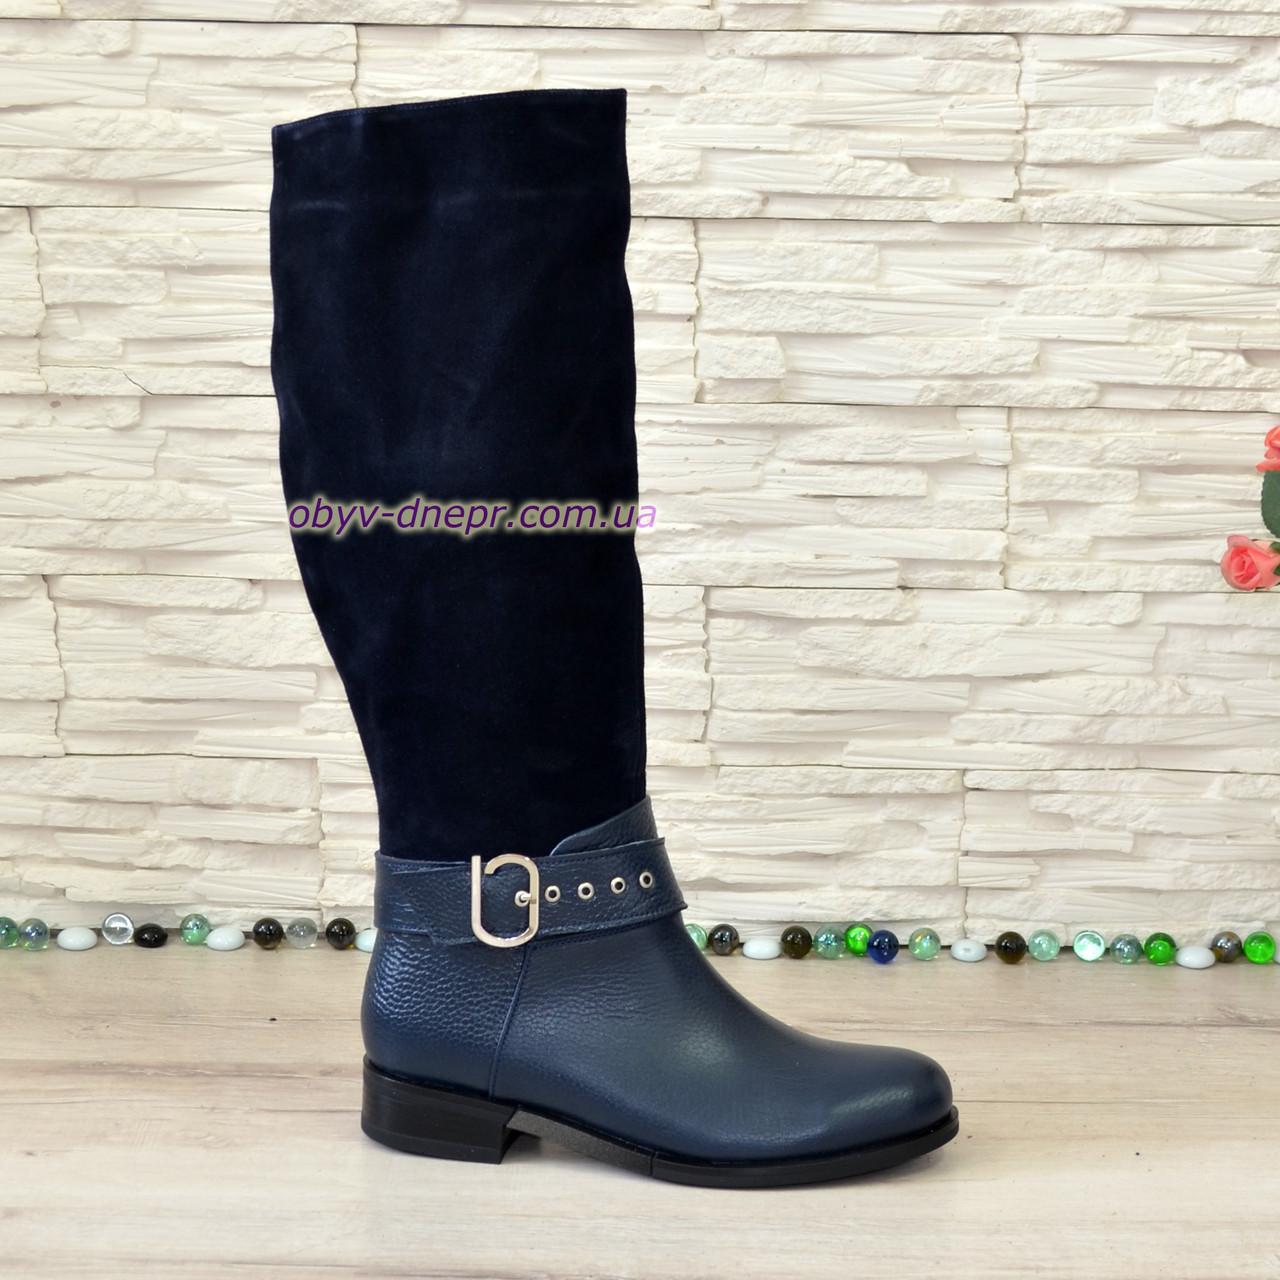 Сапоги зимние синие на невысоком каблуке, натуральная кожа флотар и замша